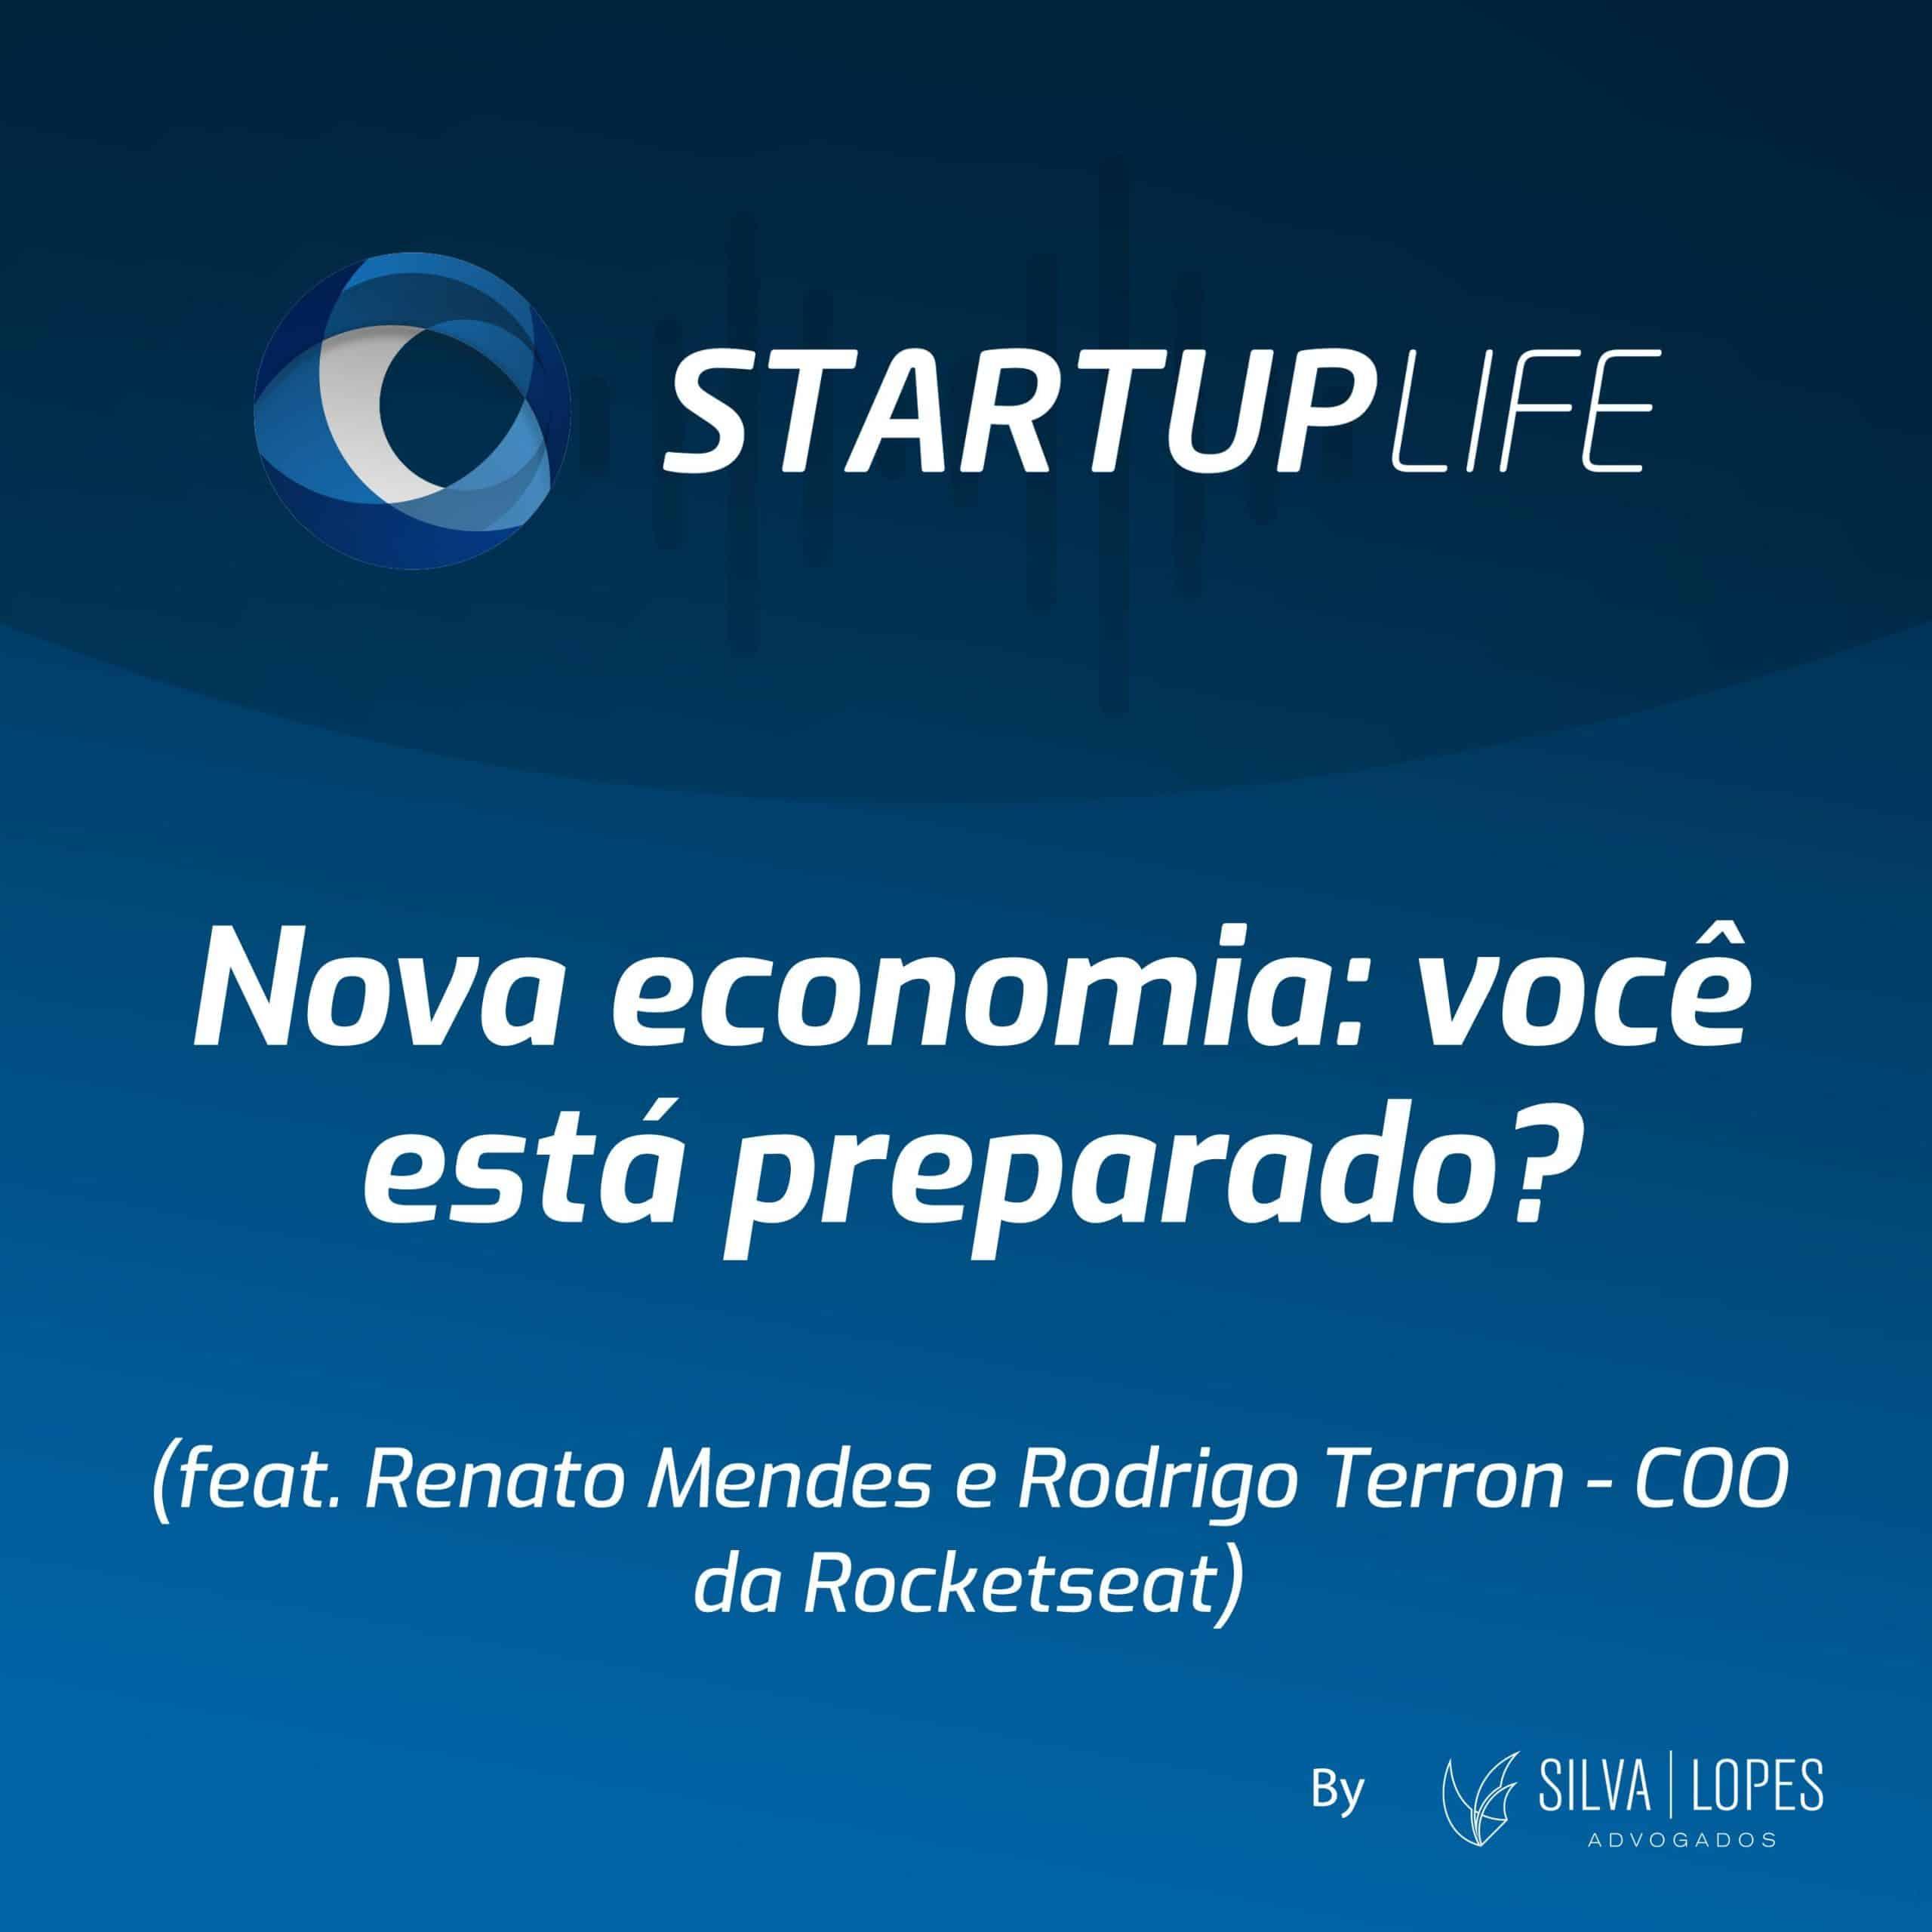 Nova economia: você está preparado?